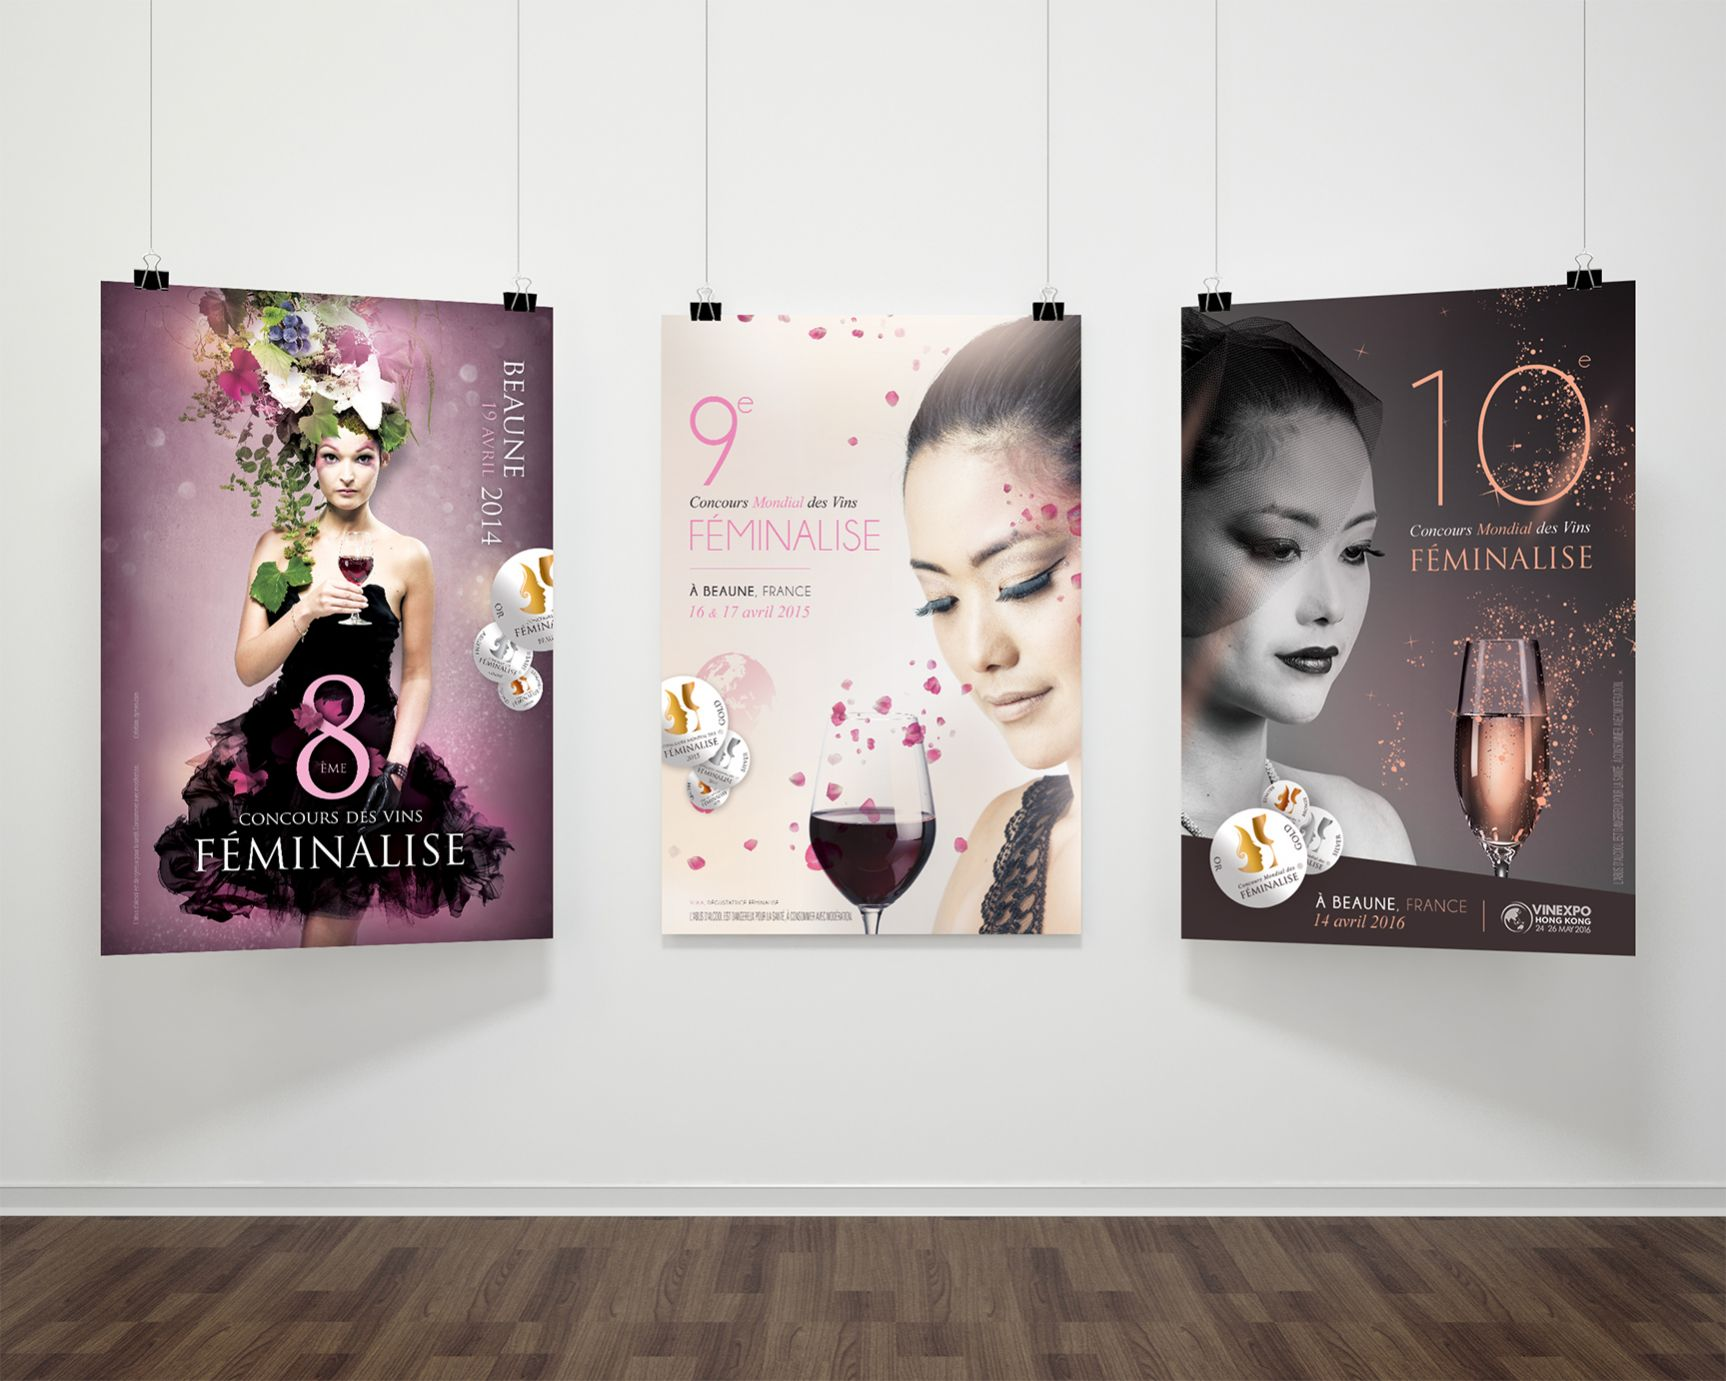 Affiche Concours de vins Féminalise - Beaune - 2016